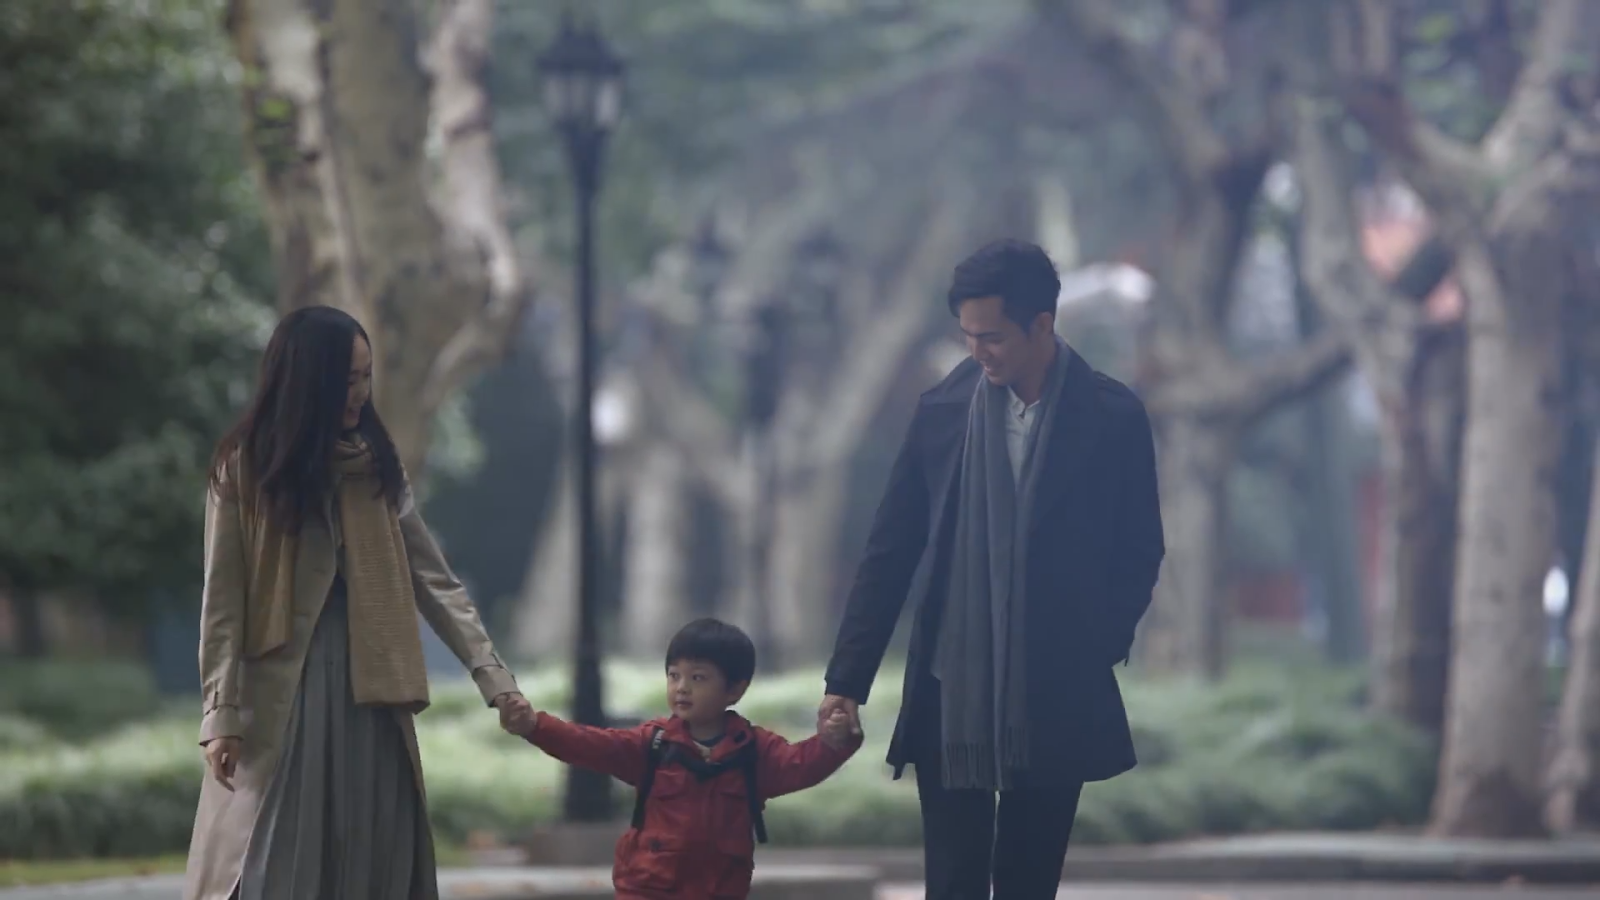 cyn lynn : My Sunshine 何以笙箫默 Episode 32 (Finale)